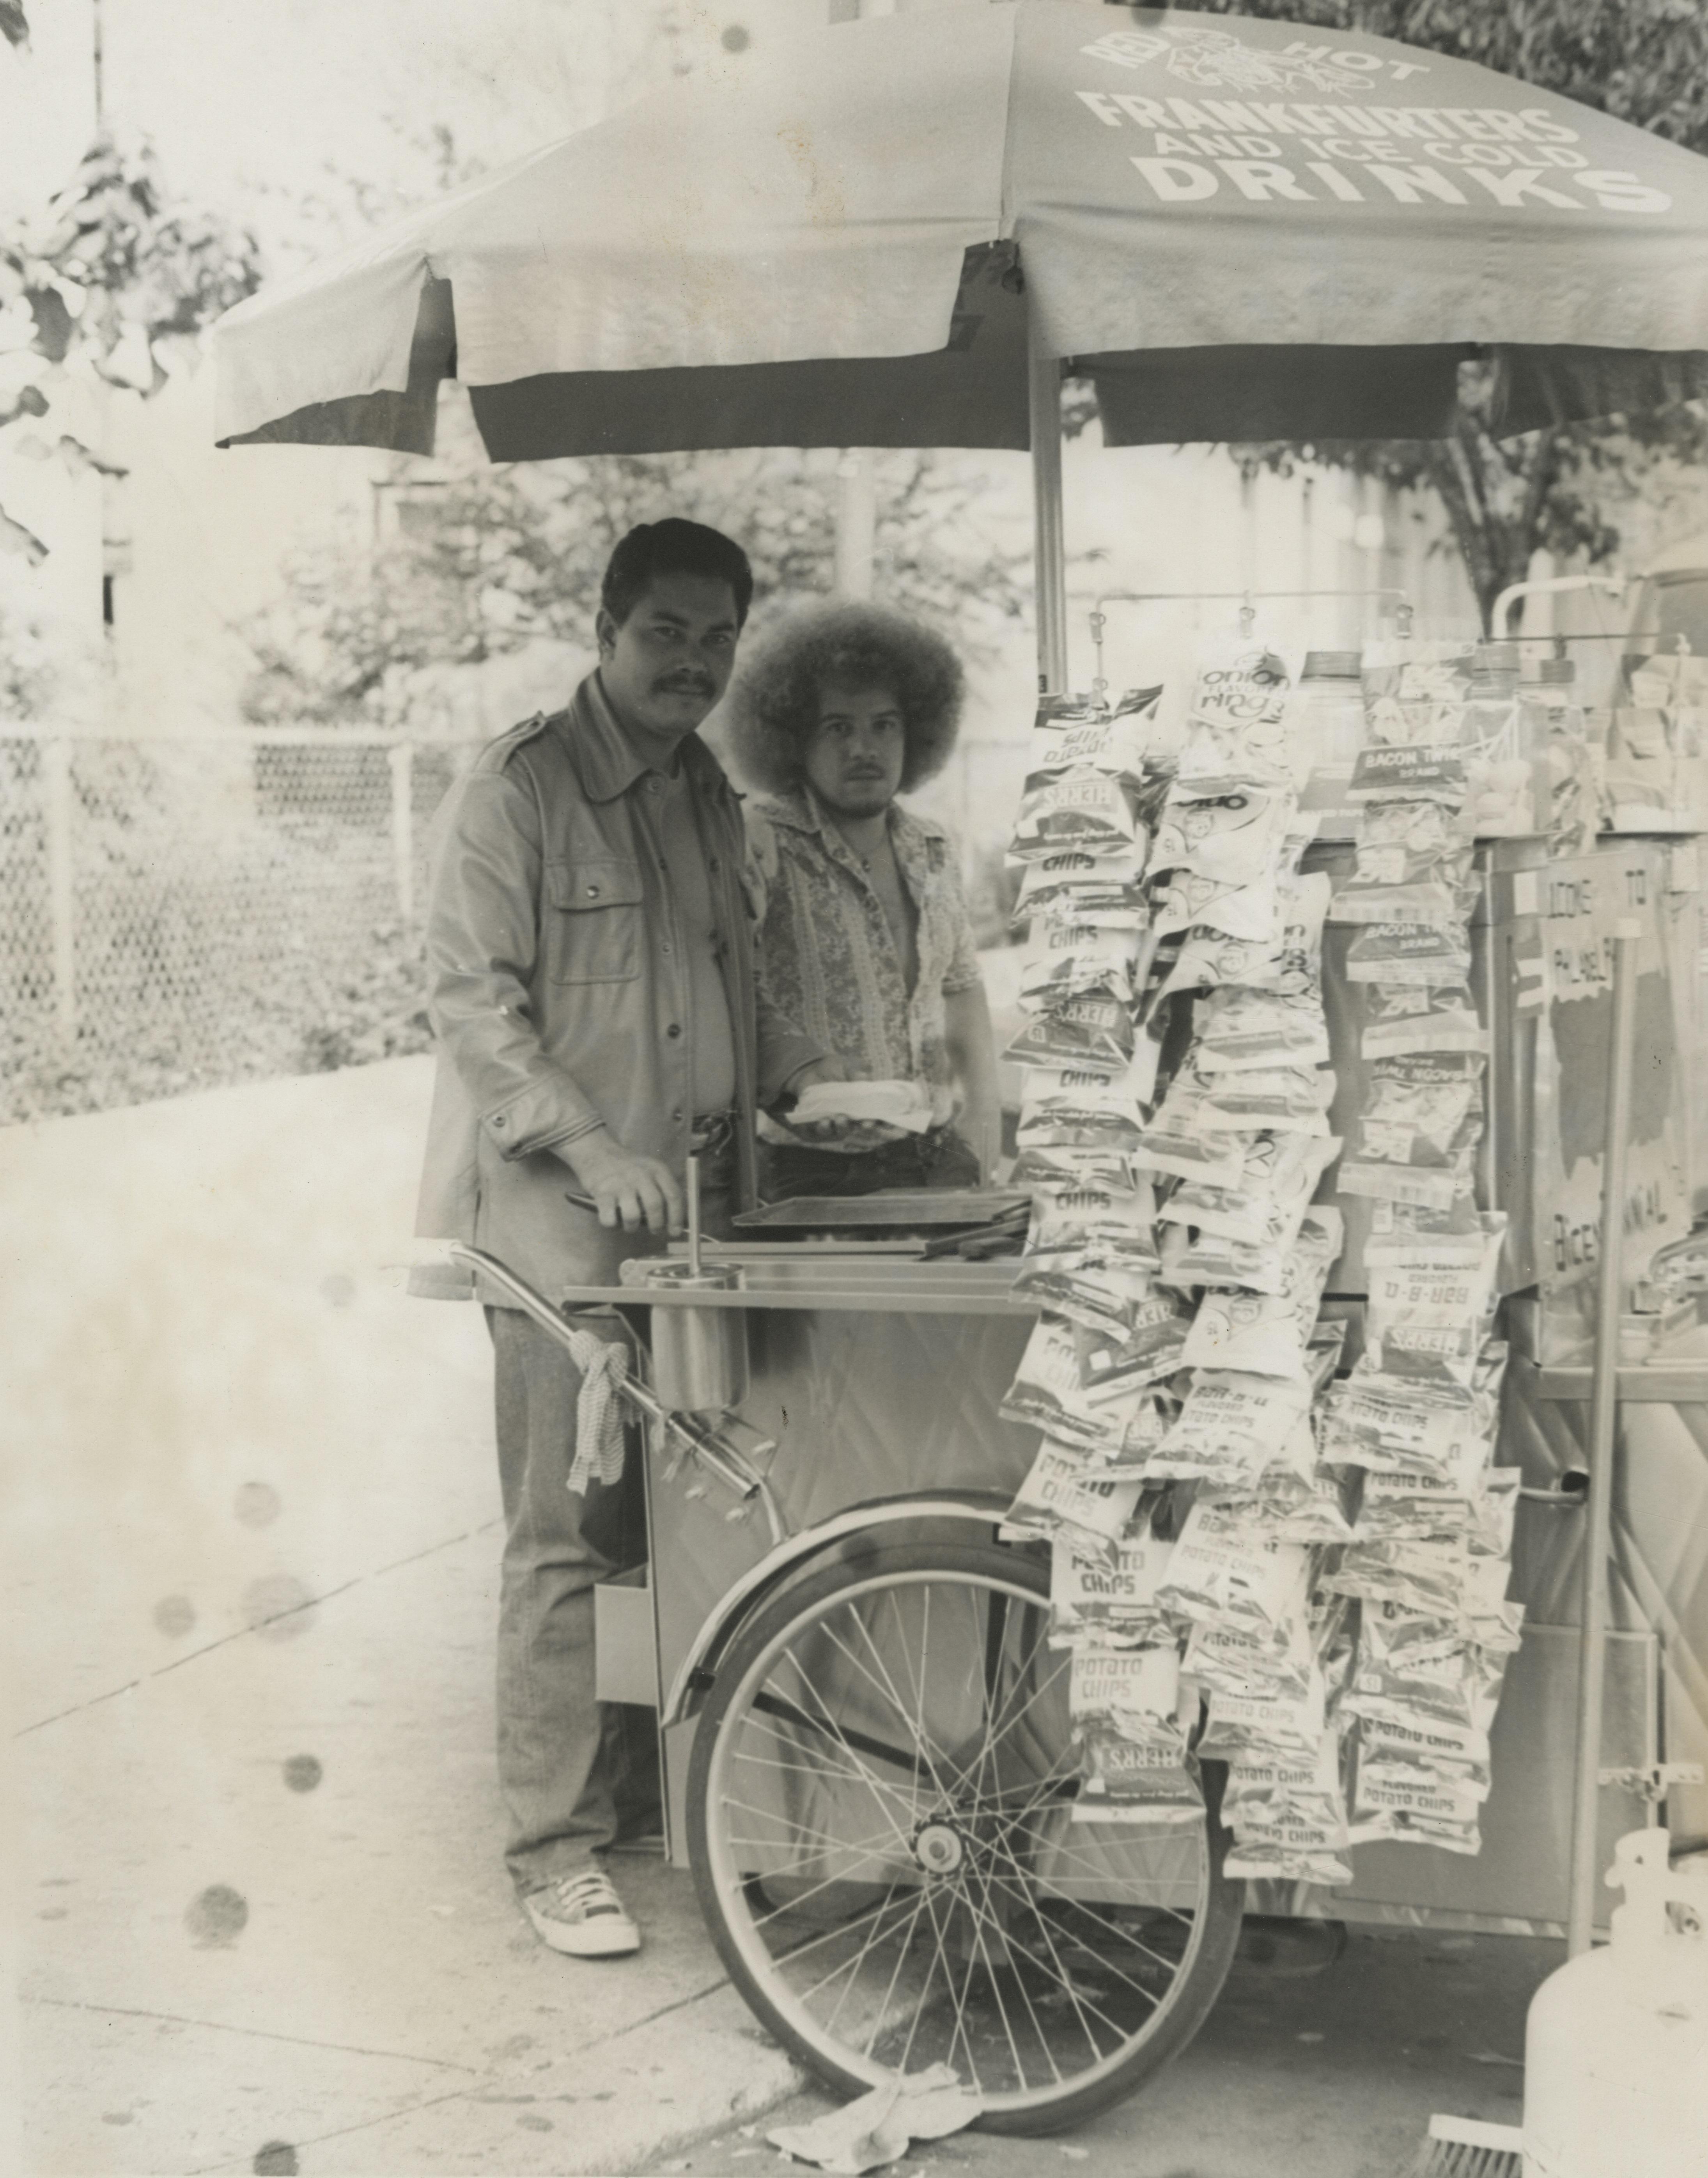 Dos hombres se unen junto a un carro de vendedores